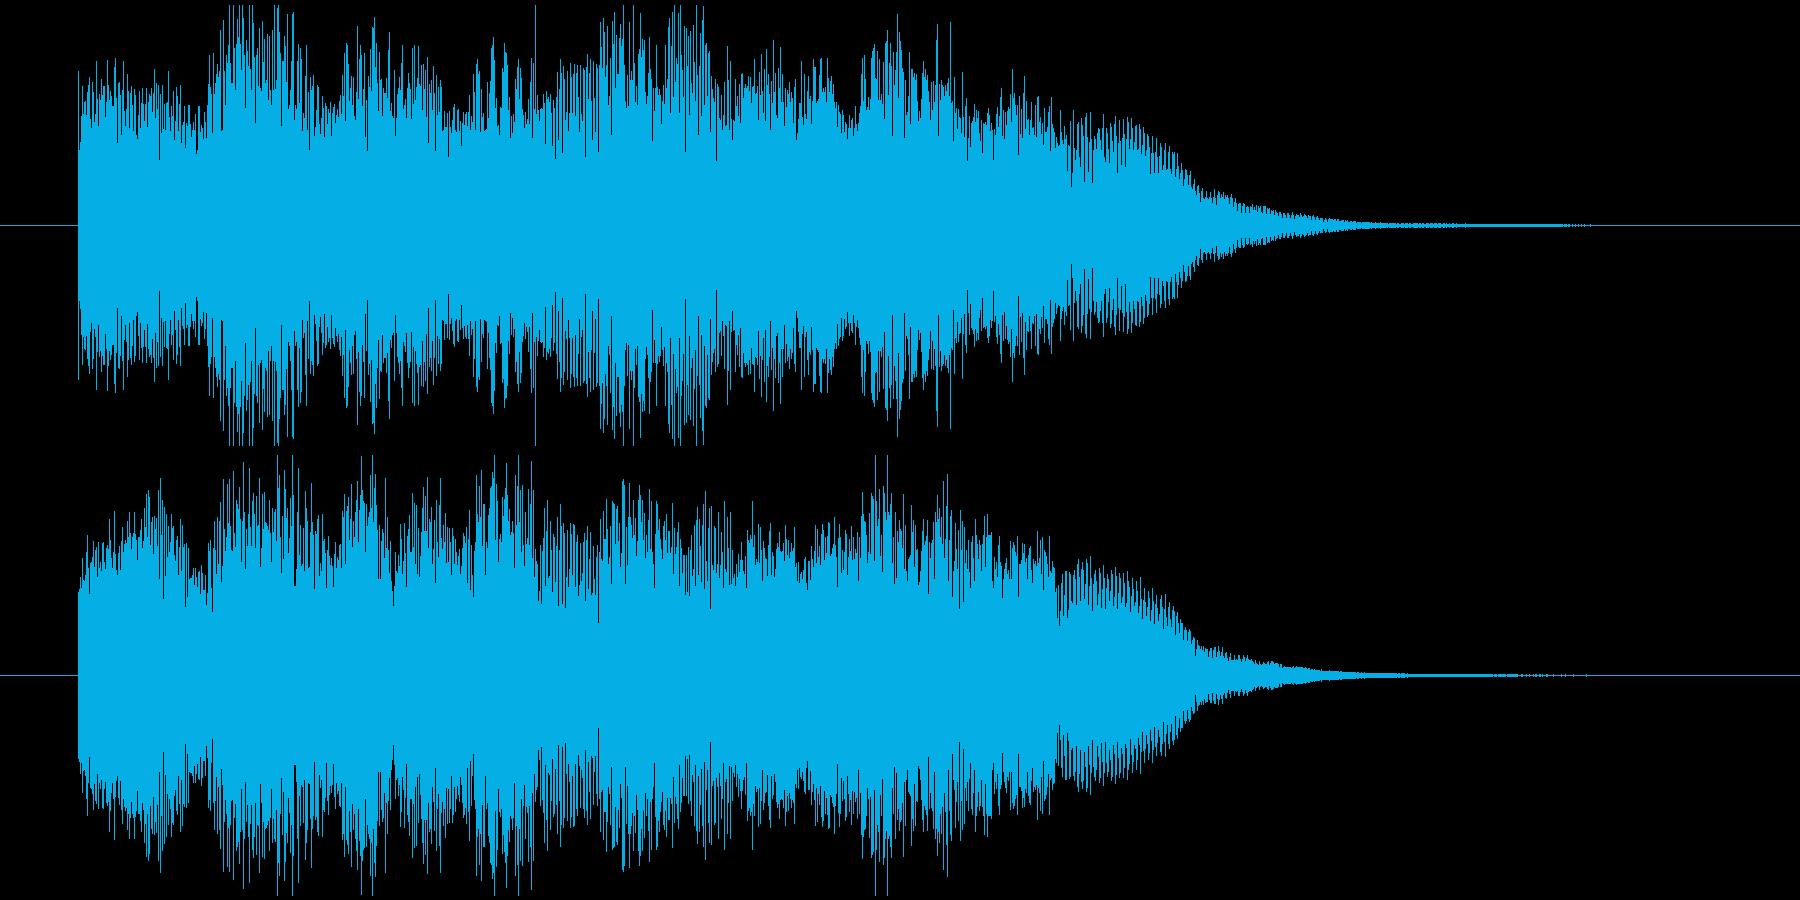 場面転換などに。可愛らしいジングルその5の再生済みの波形